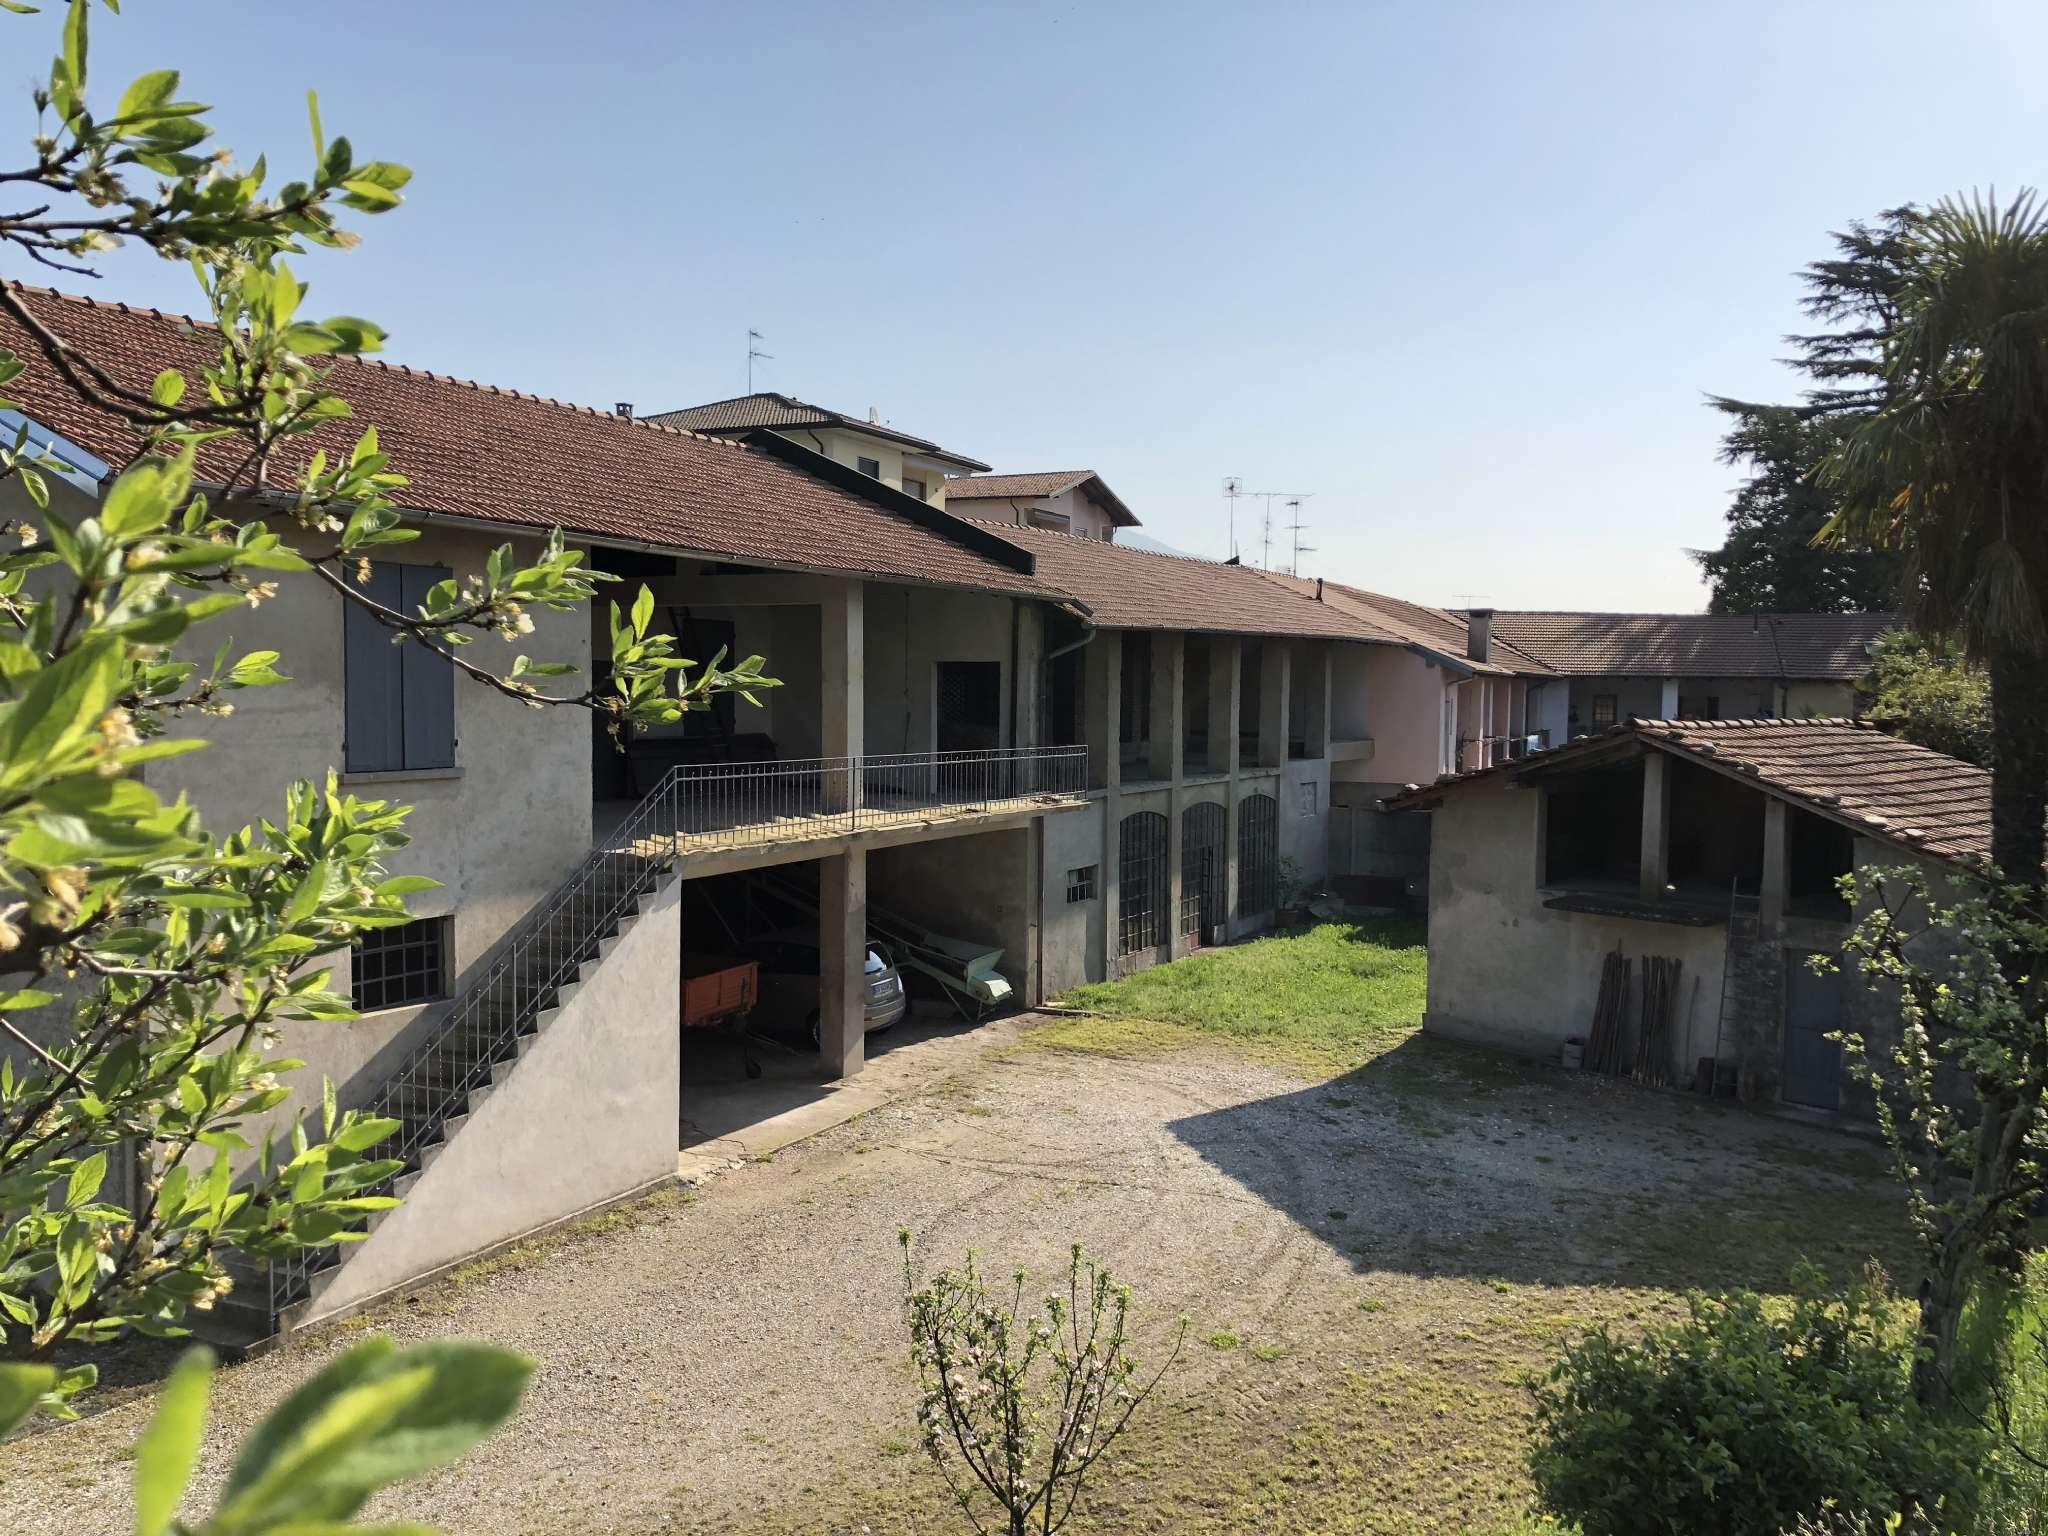 Rustico / Casale in vendita a Besozzo, 9 locali, prezzo € 240.000 | CambioCasa.it